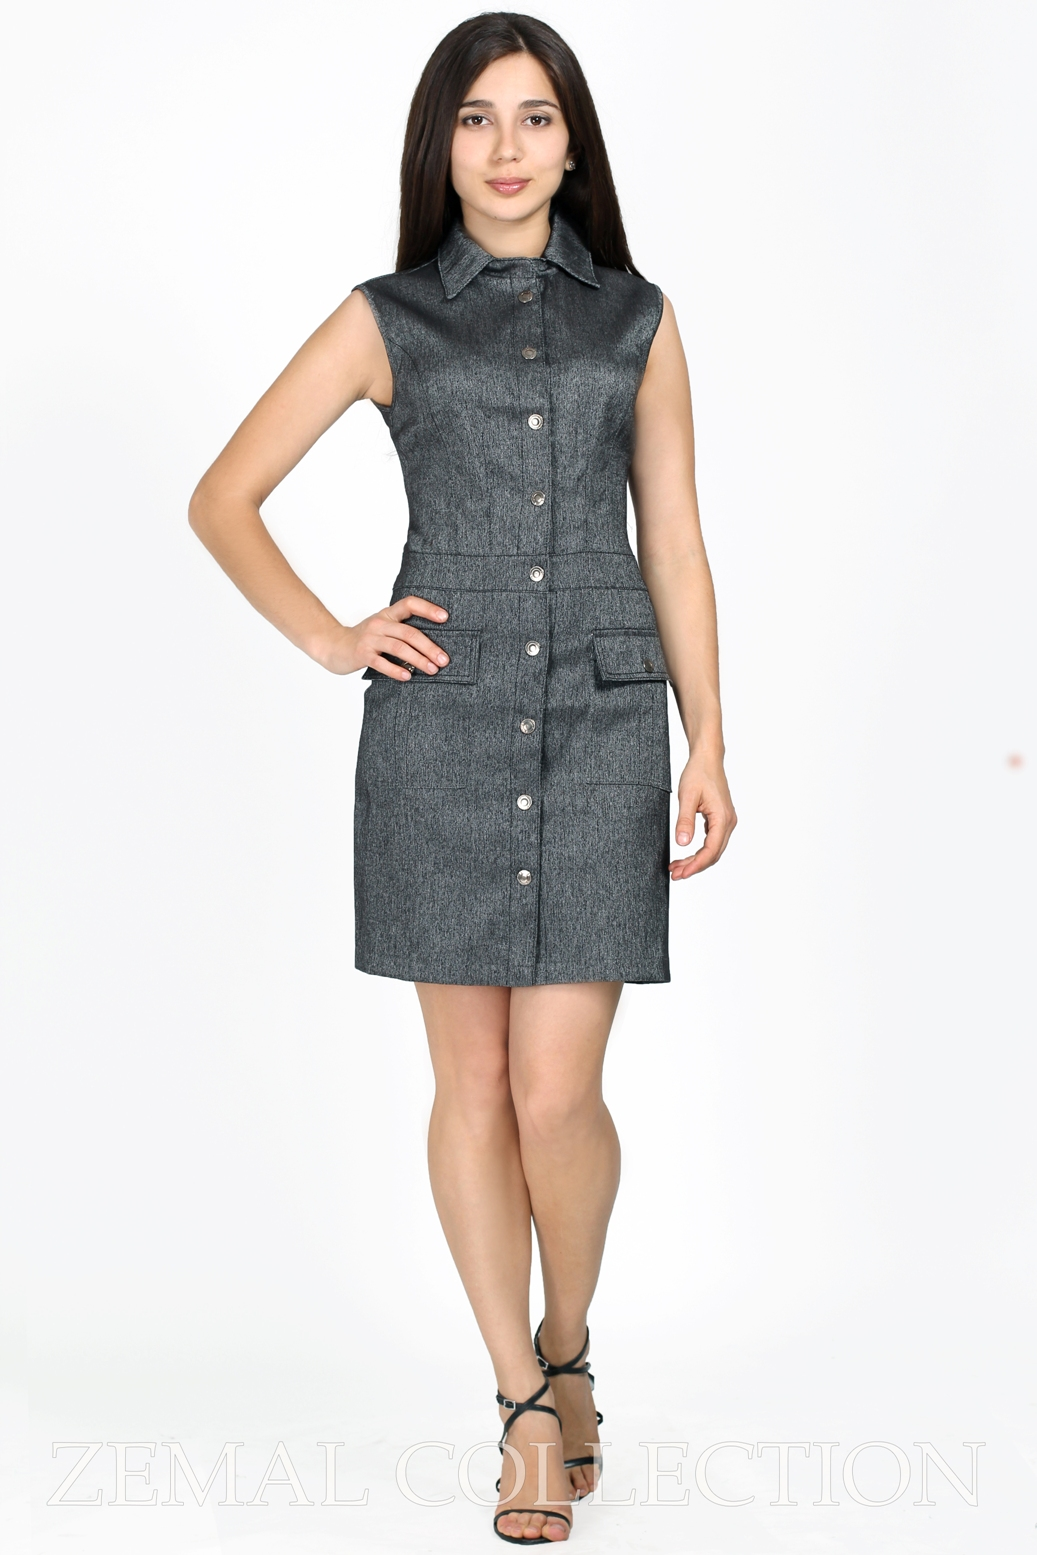 Сукня 42.19 купить на сайте производителя